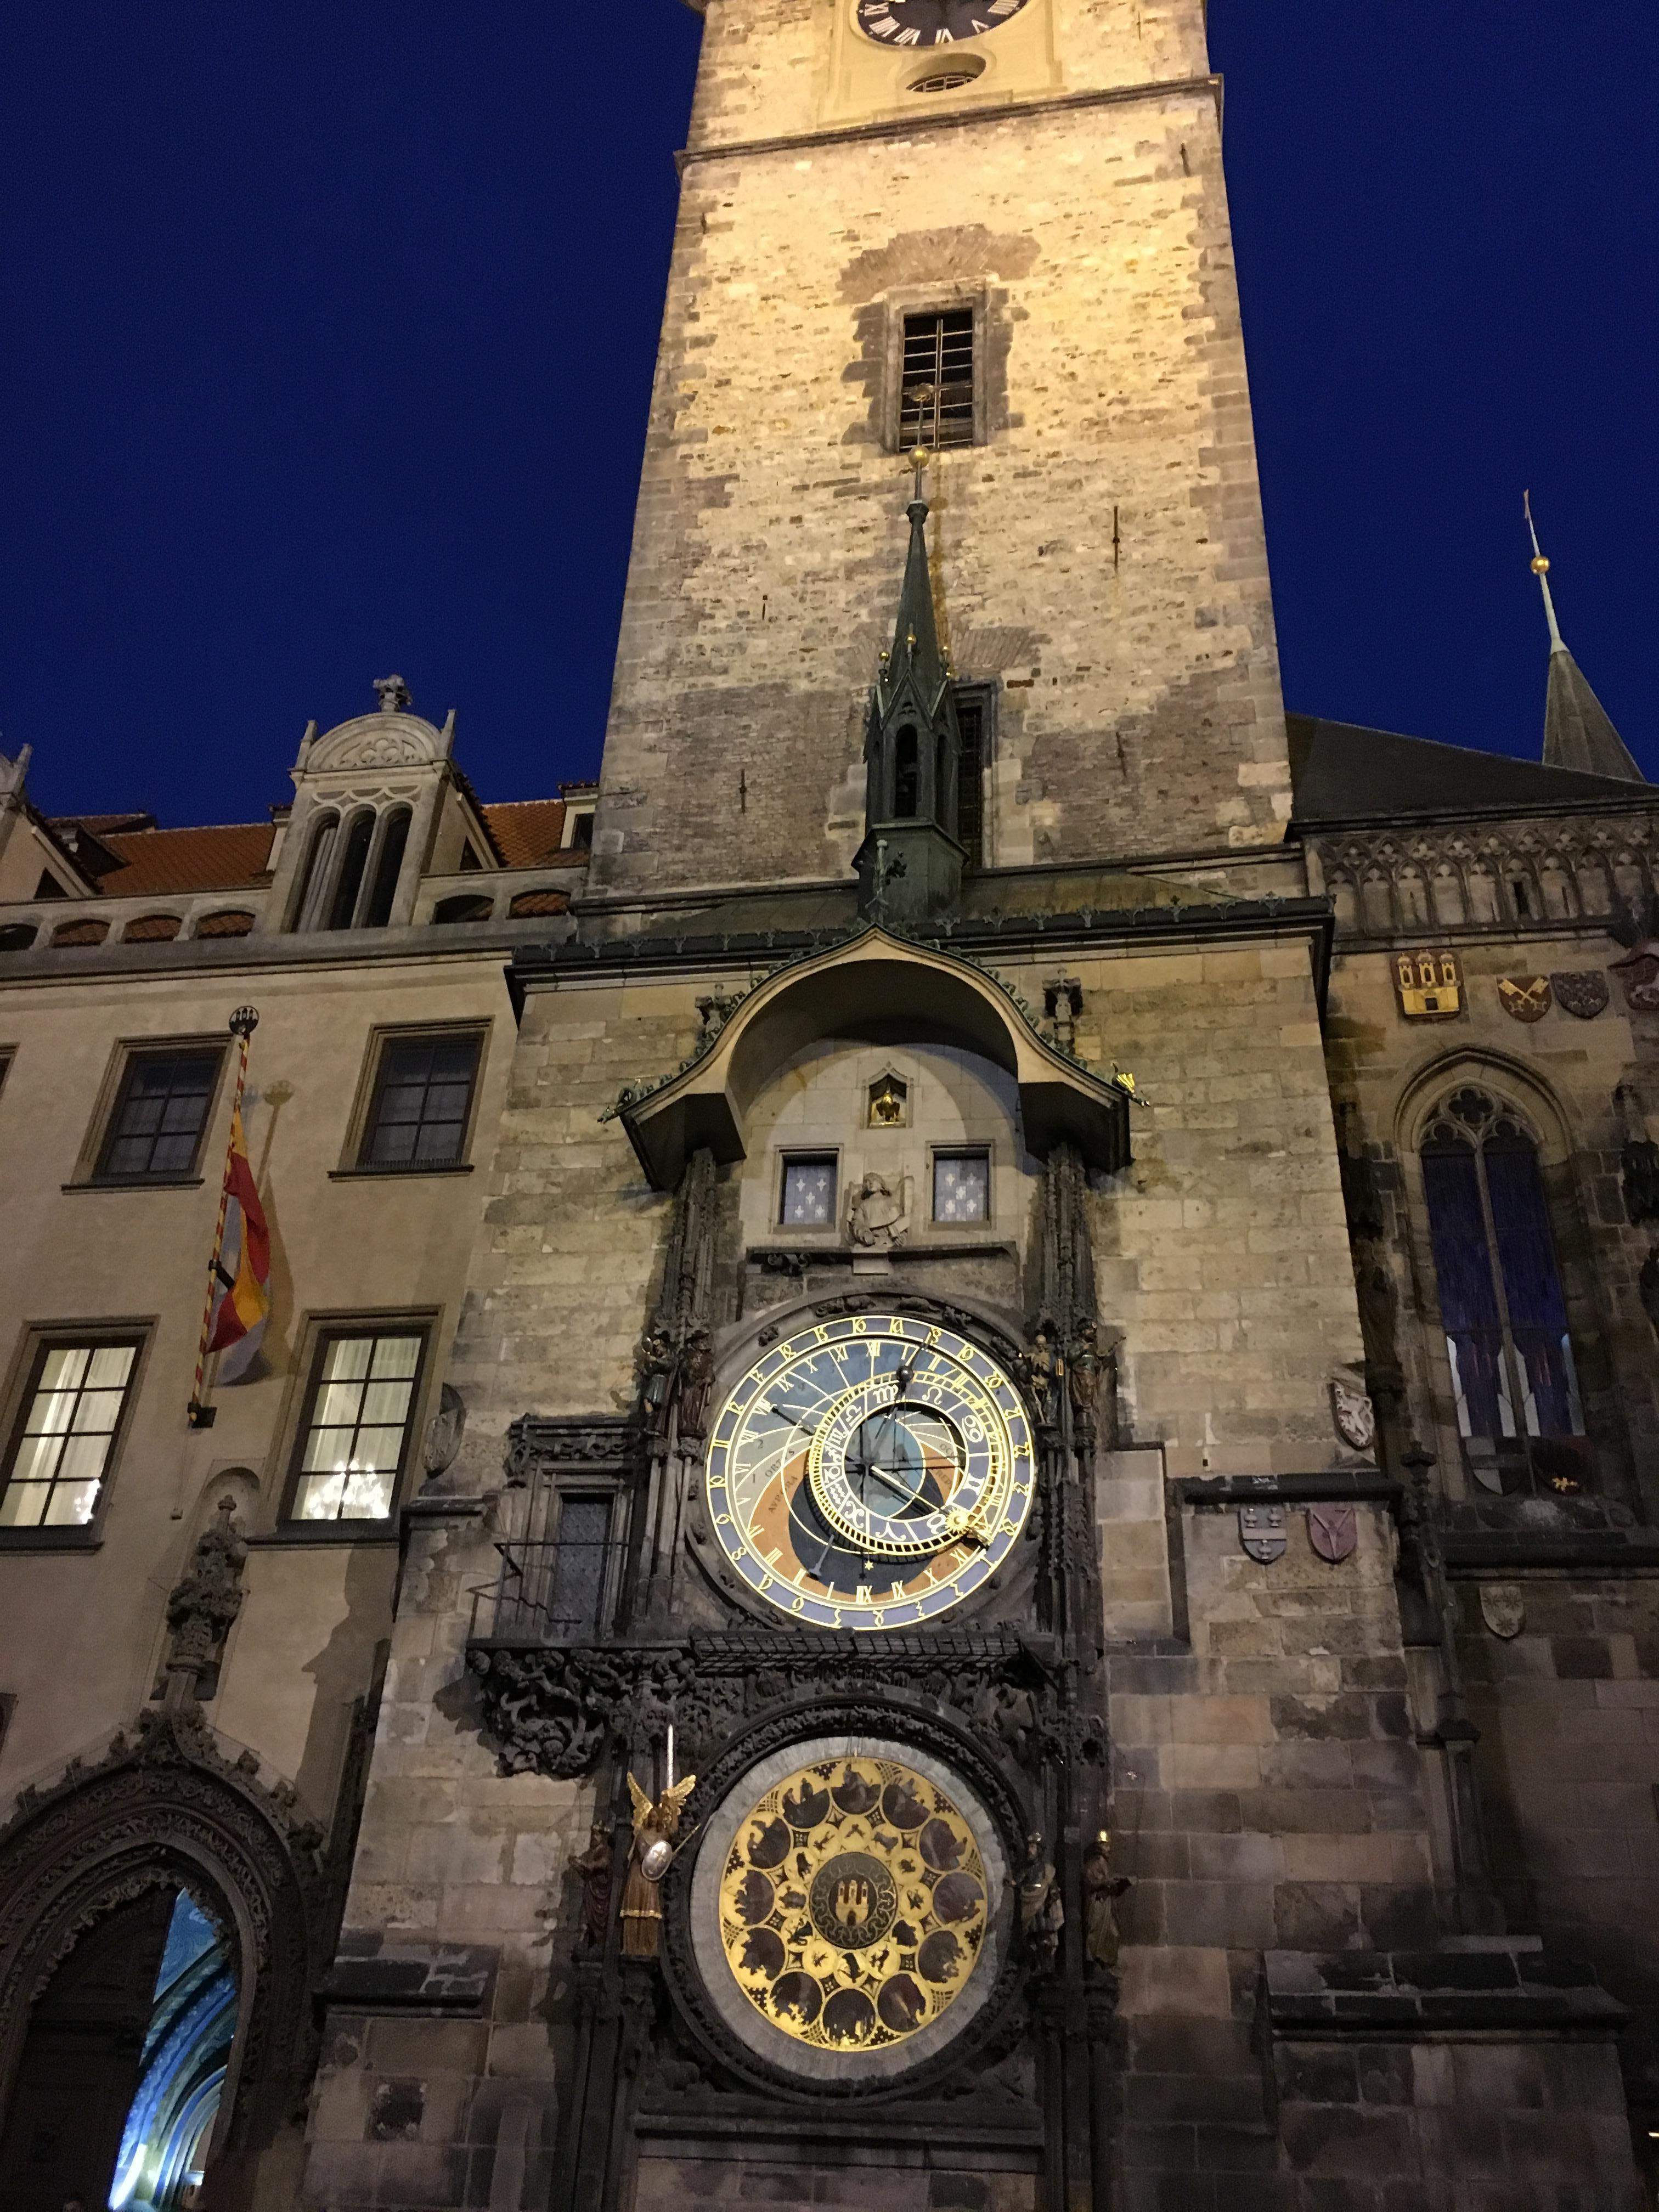 The Astronomic Clock at Prague